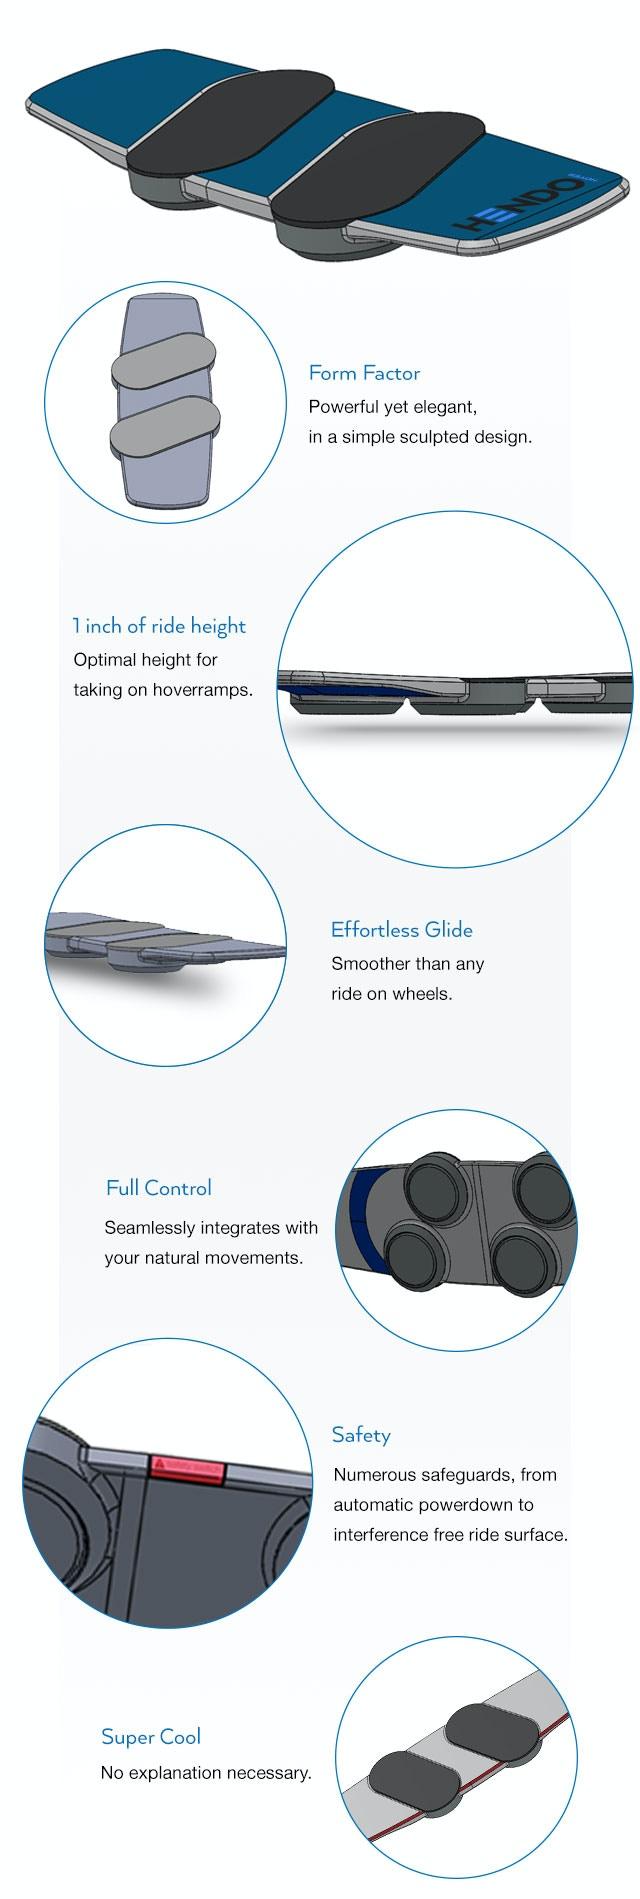 Hoverboard, la evolución del transporte eléctrico personal 4efe71298408267f88ebef195875ab2c_original